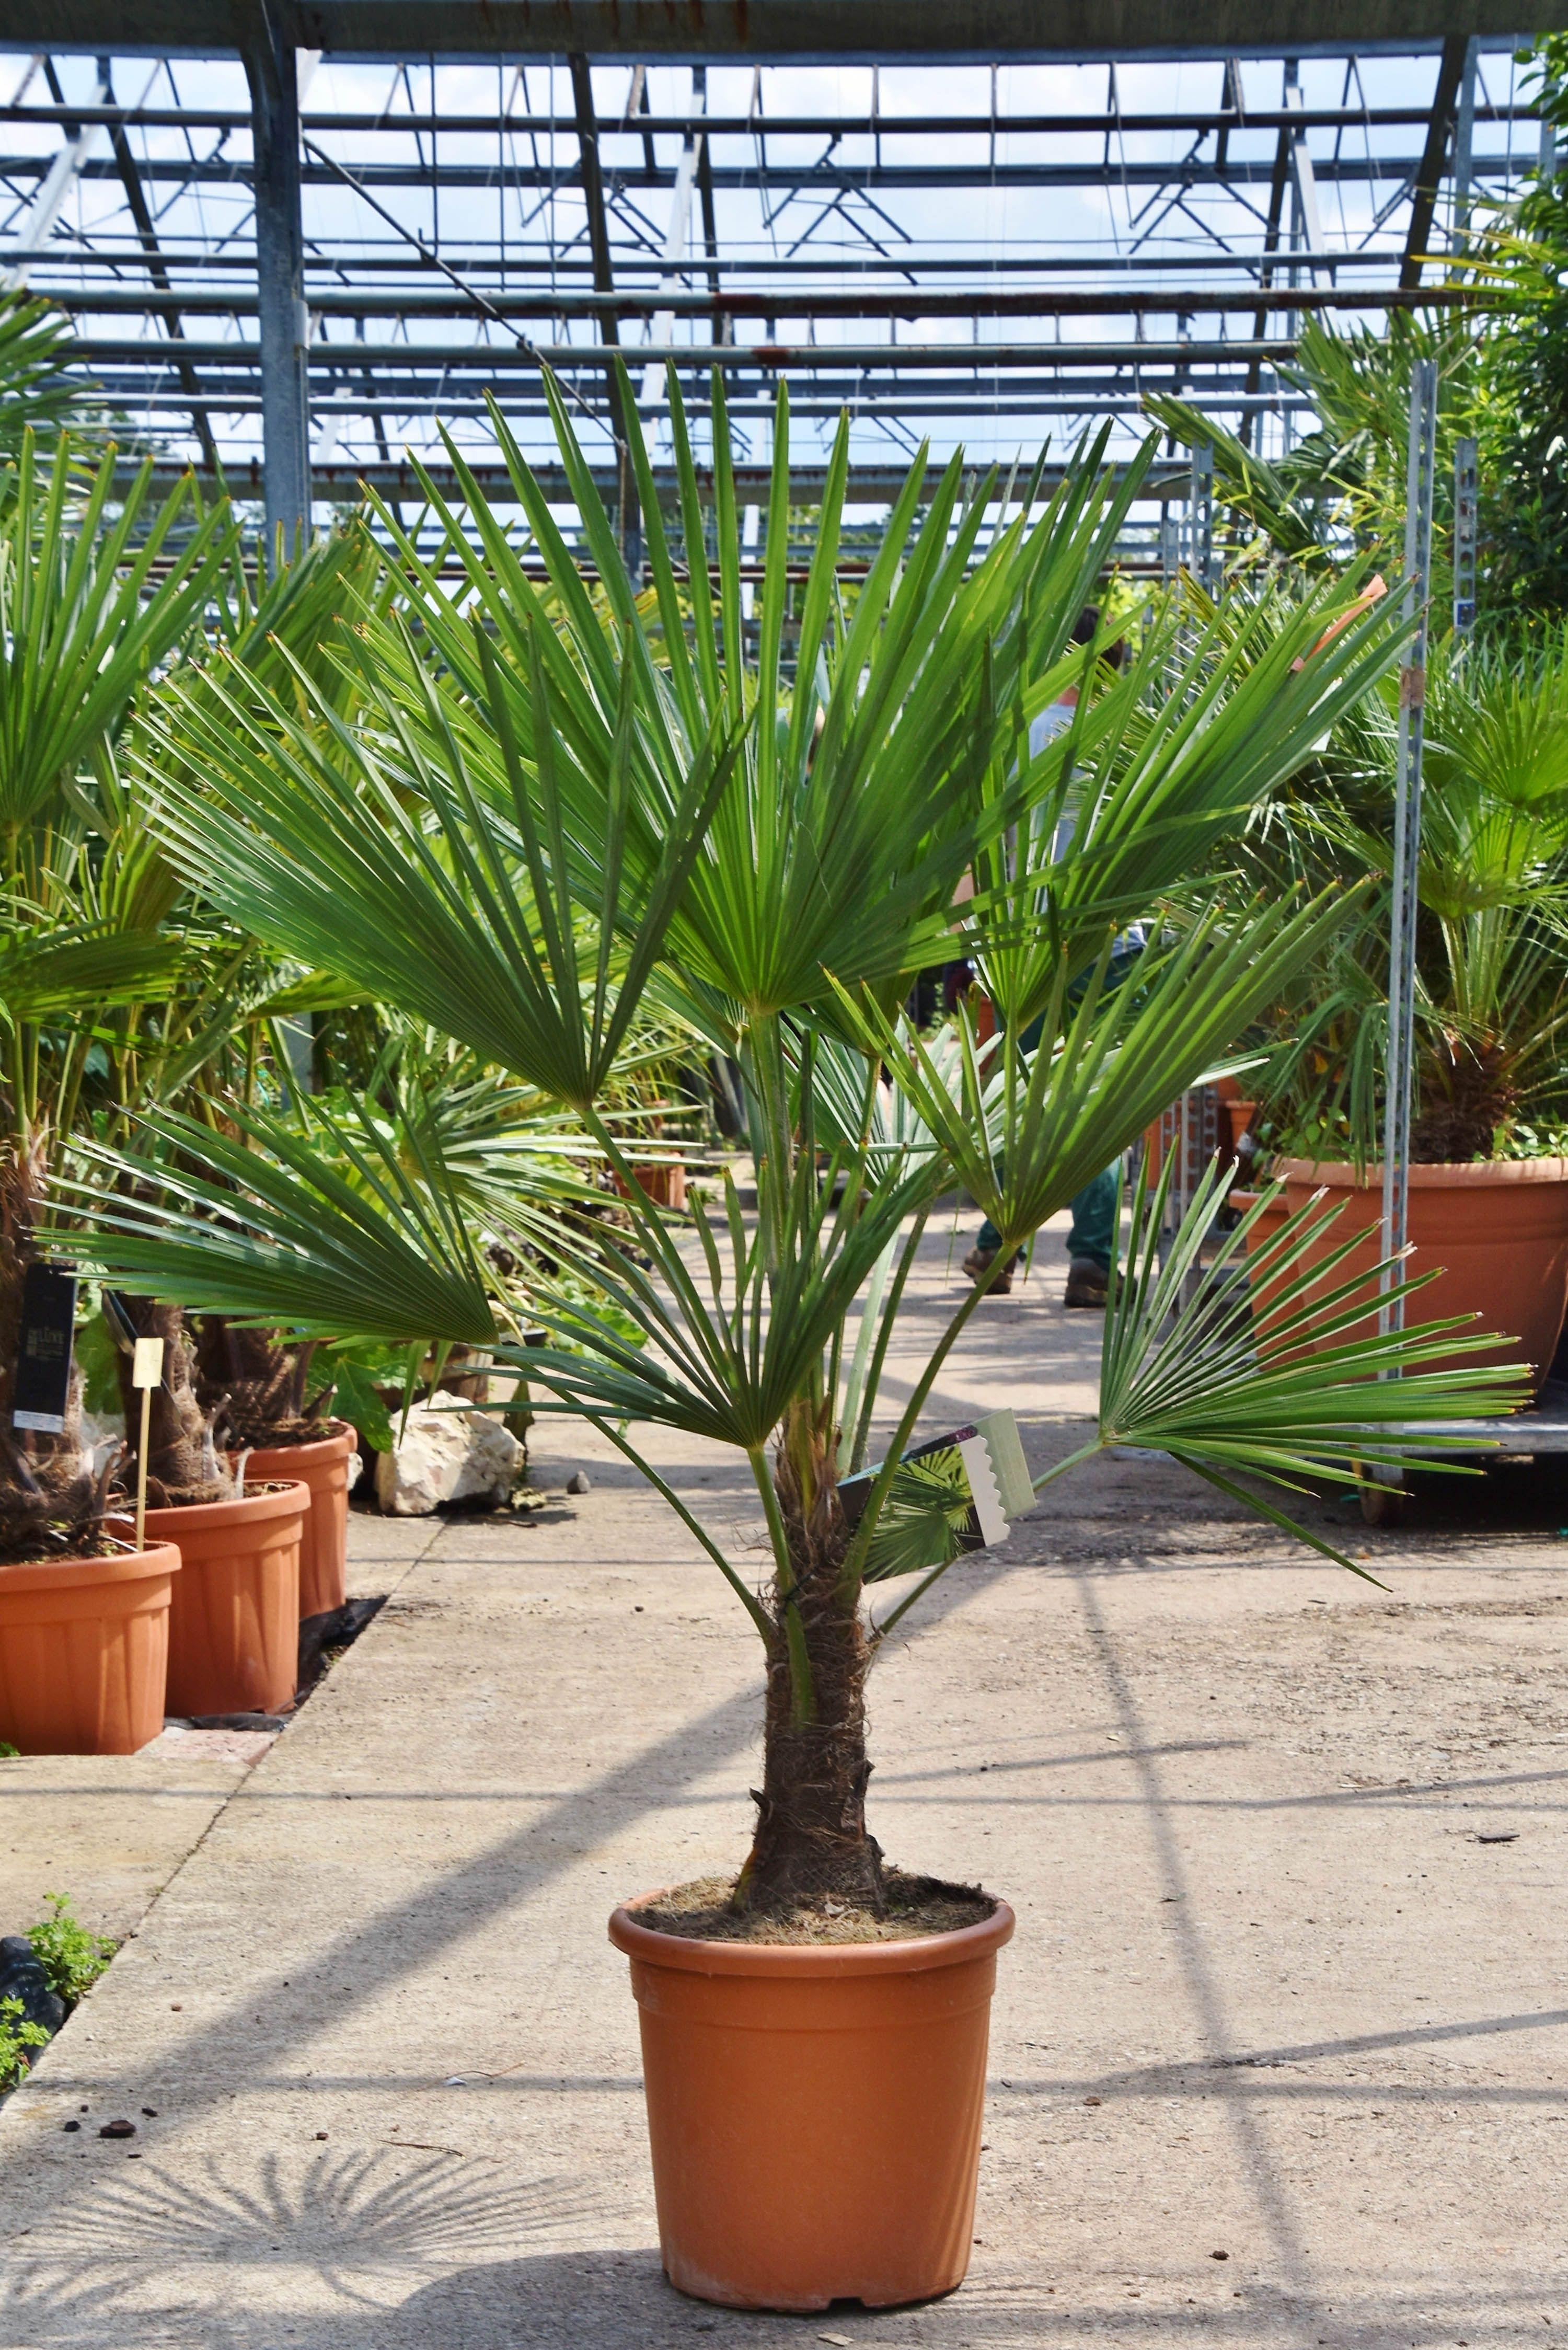 Hanfpalme Fortunei Winterhart 20 30 Stamm Hanfpalme Pflanzen Fur Zu Hause Kubelpflanzen